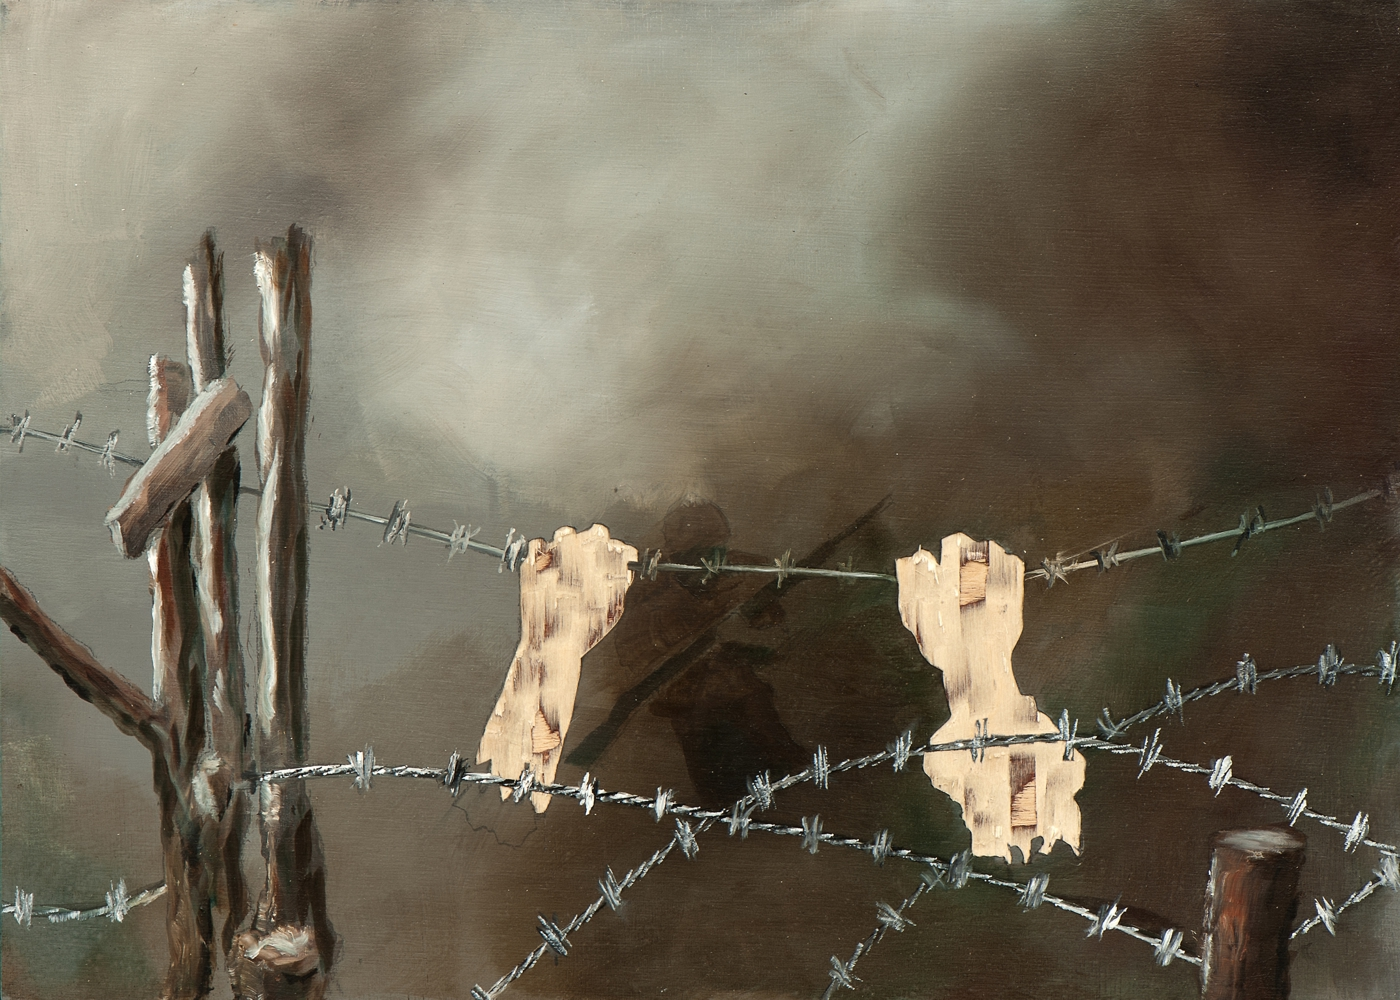 Irgendwo ist immer ein Krieg VIII/14, Öl und Flachstich auf Schichtholzplatte, 30 x 42 cm, 2014